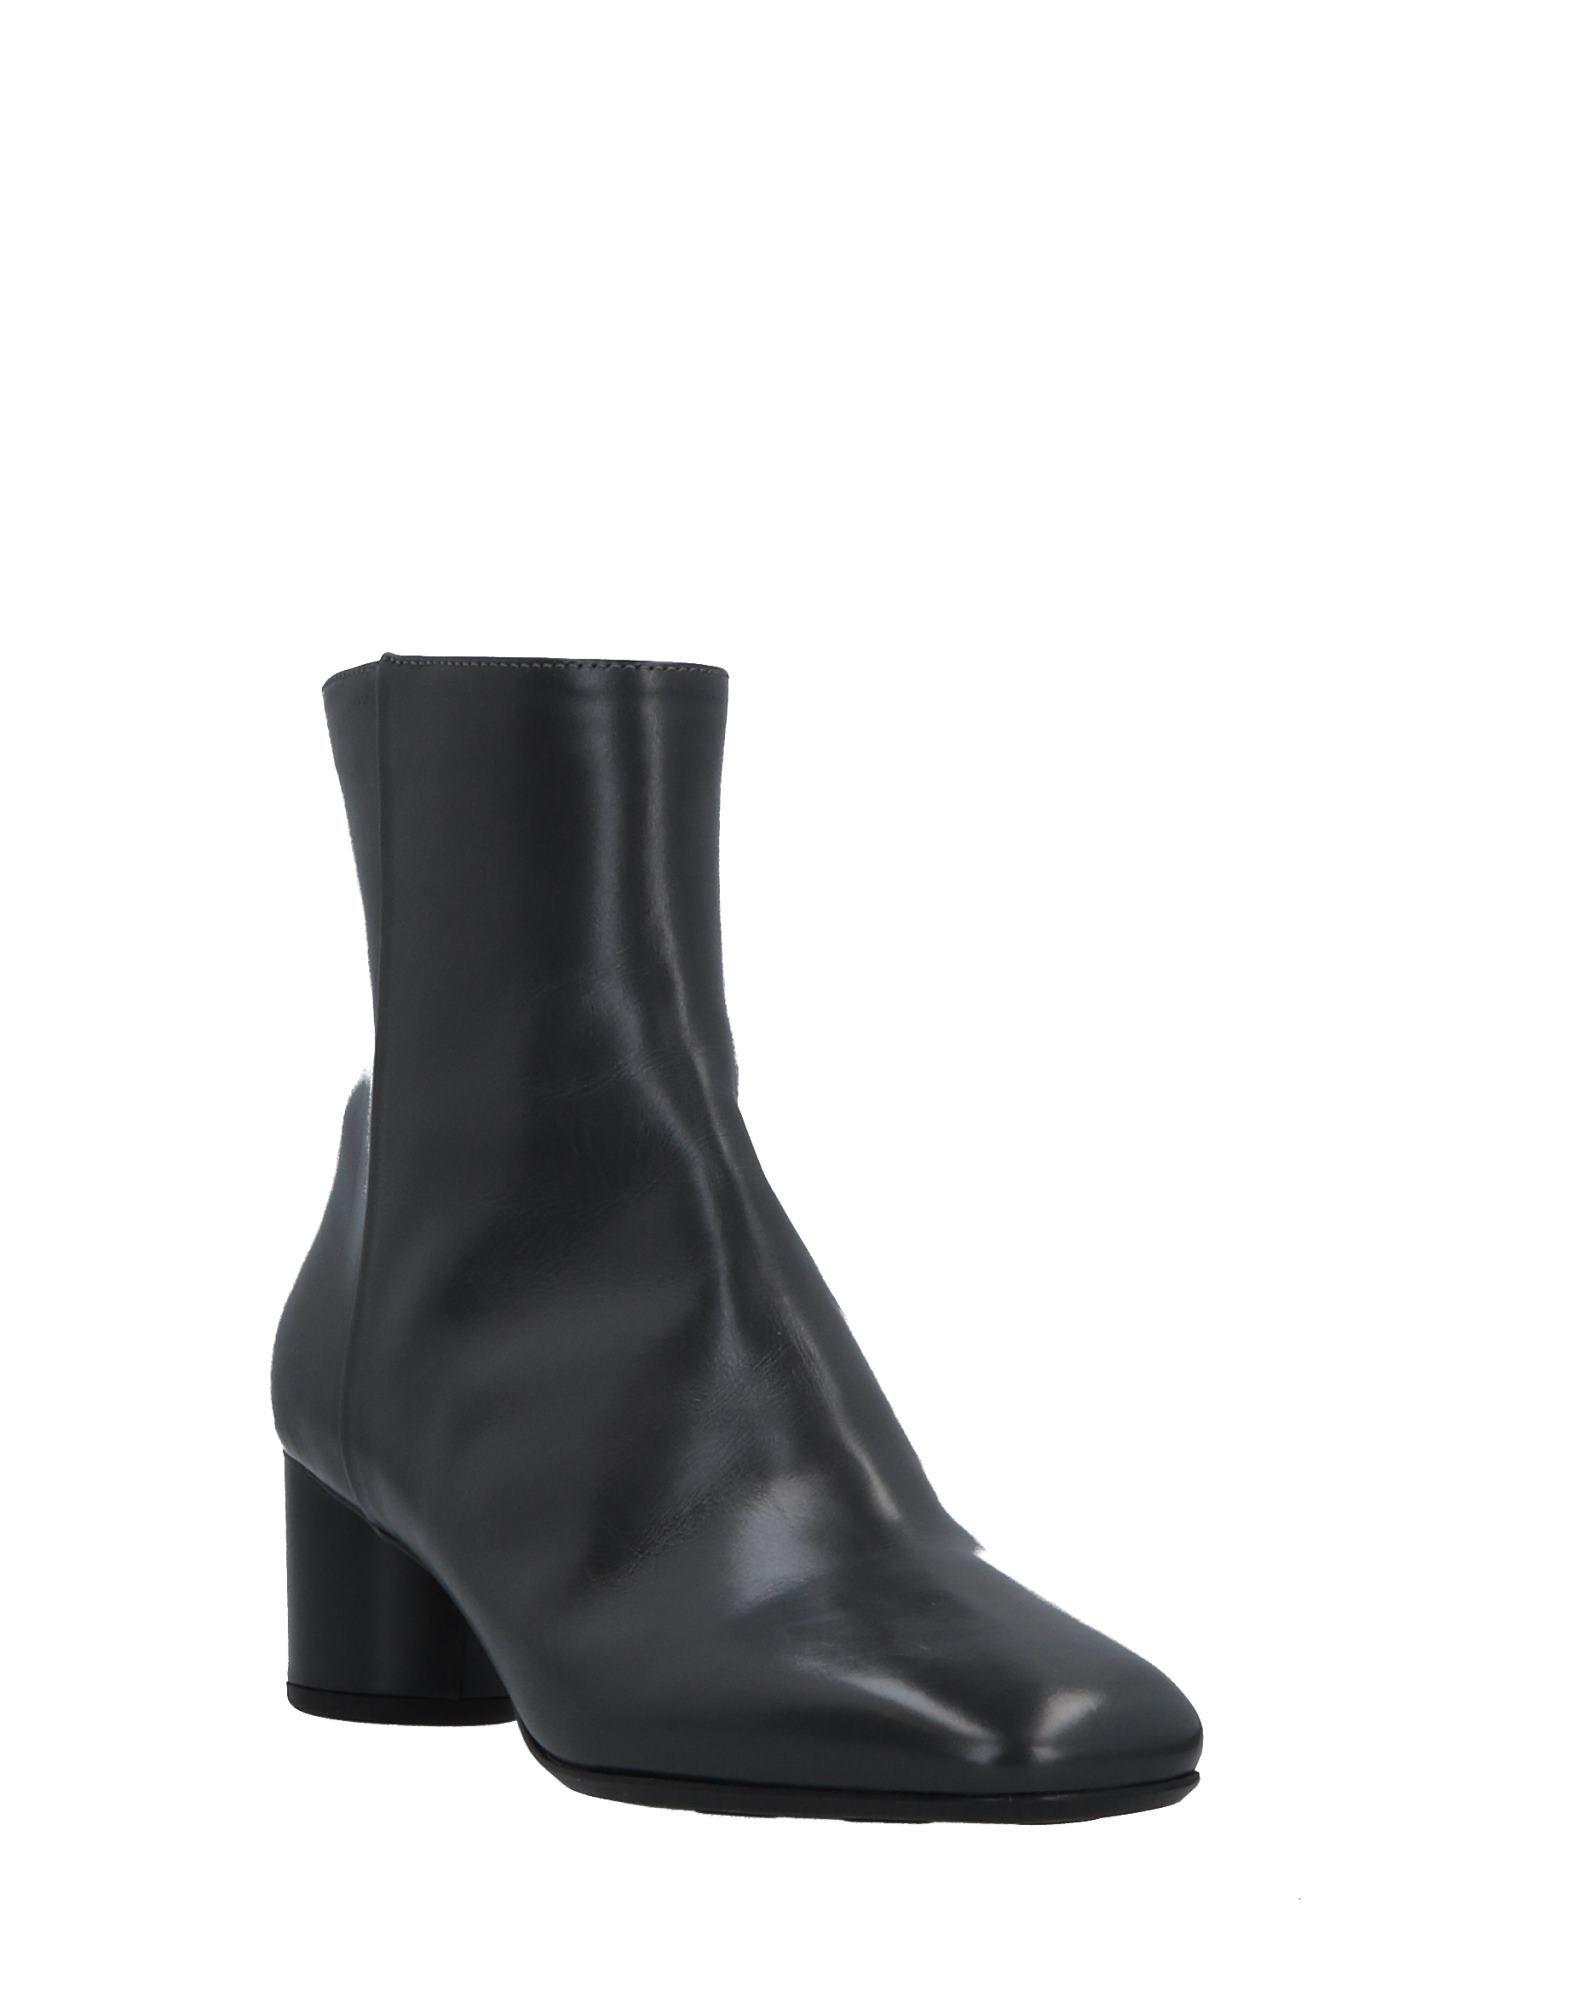 Pas De Rouge Stiefelette Damen  11512993KAGut aussehende strapazierfähige Schuhe